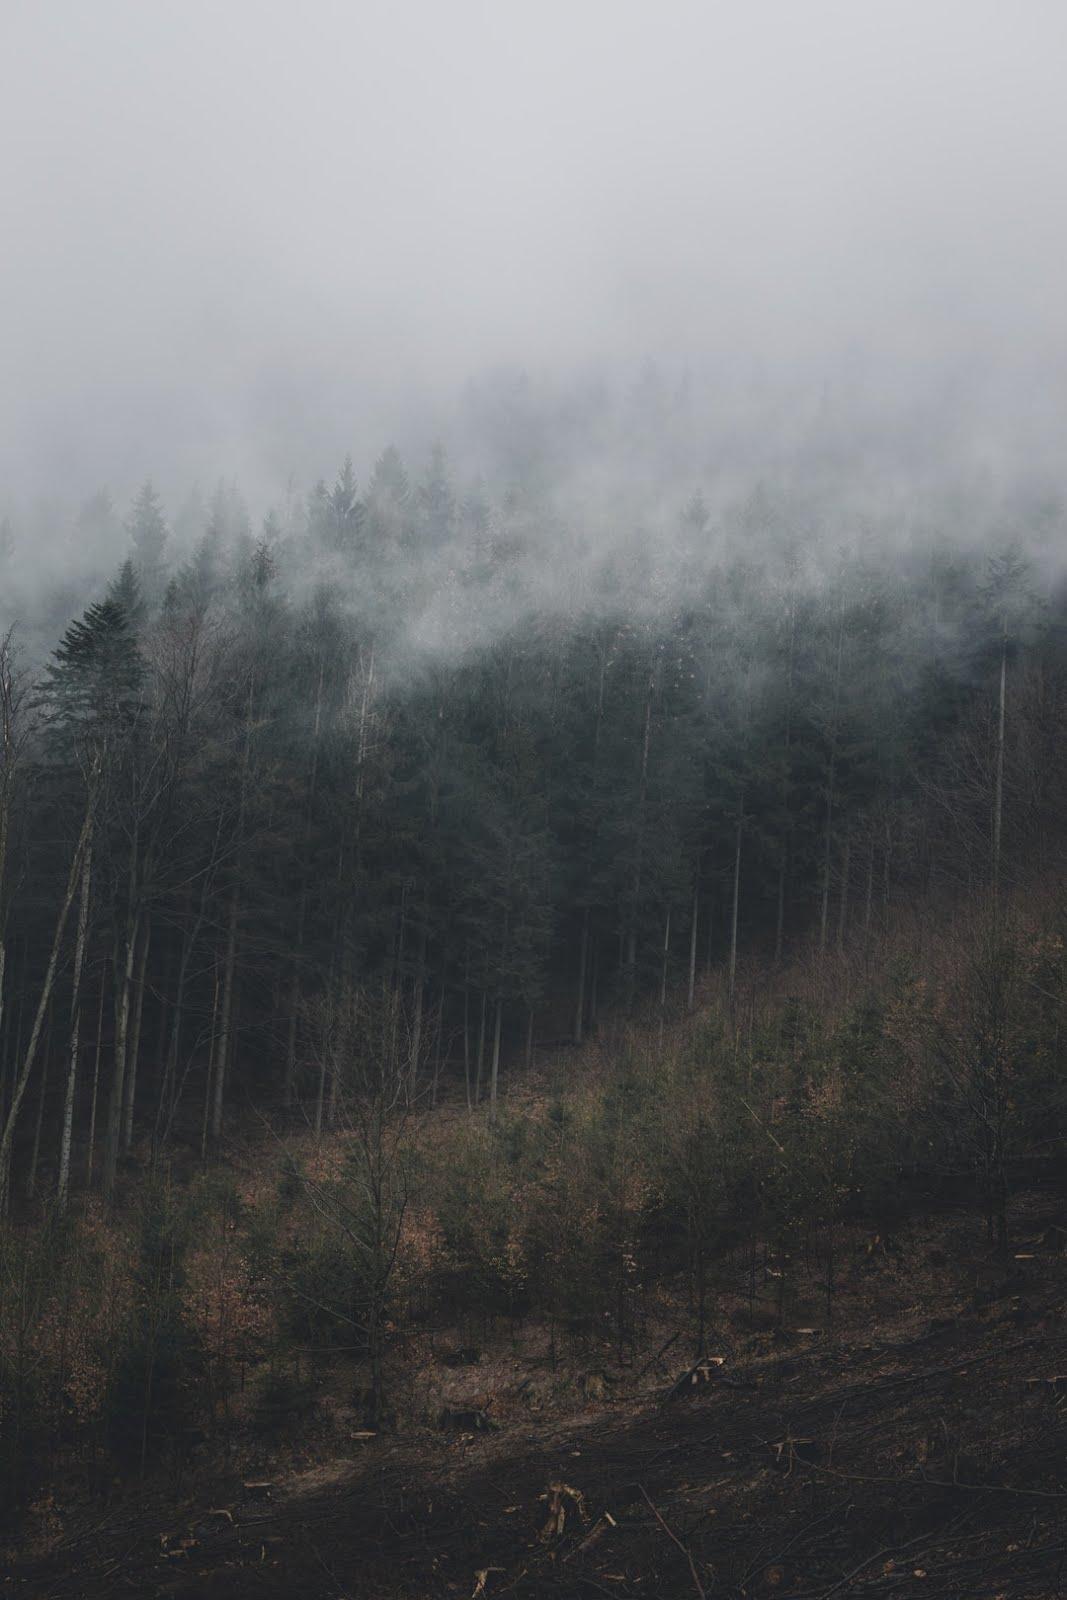 غابة خضراء مع ضباب كثيف - خلفيات ايفون X